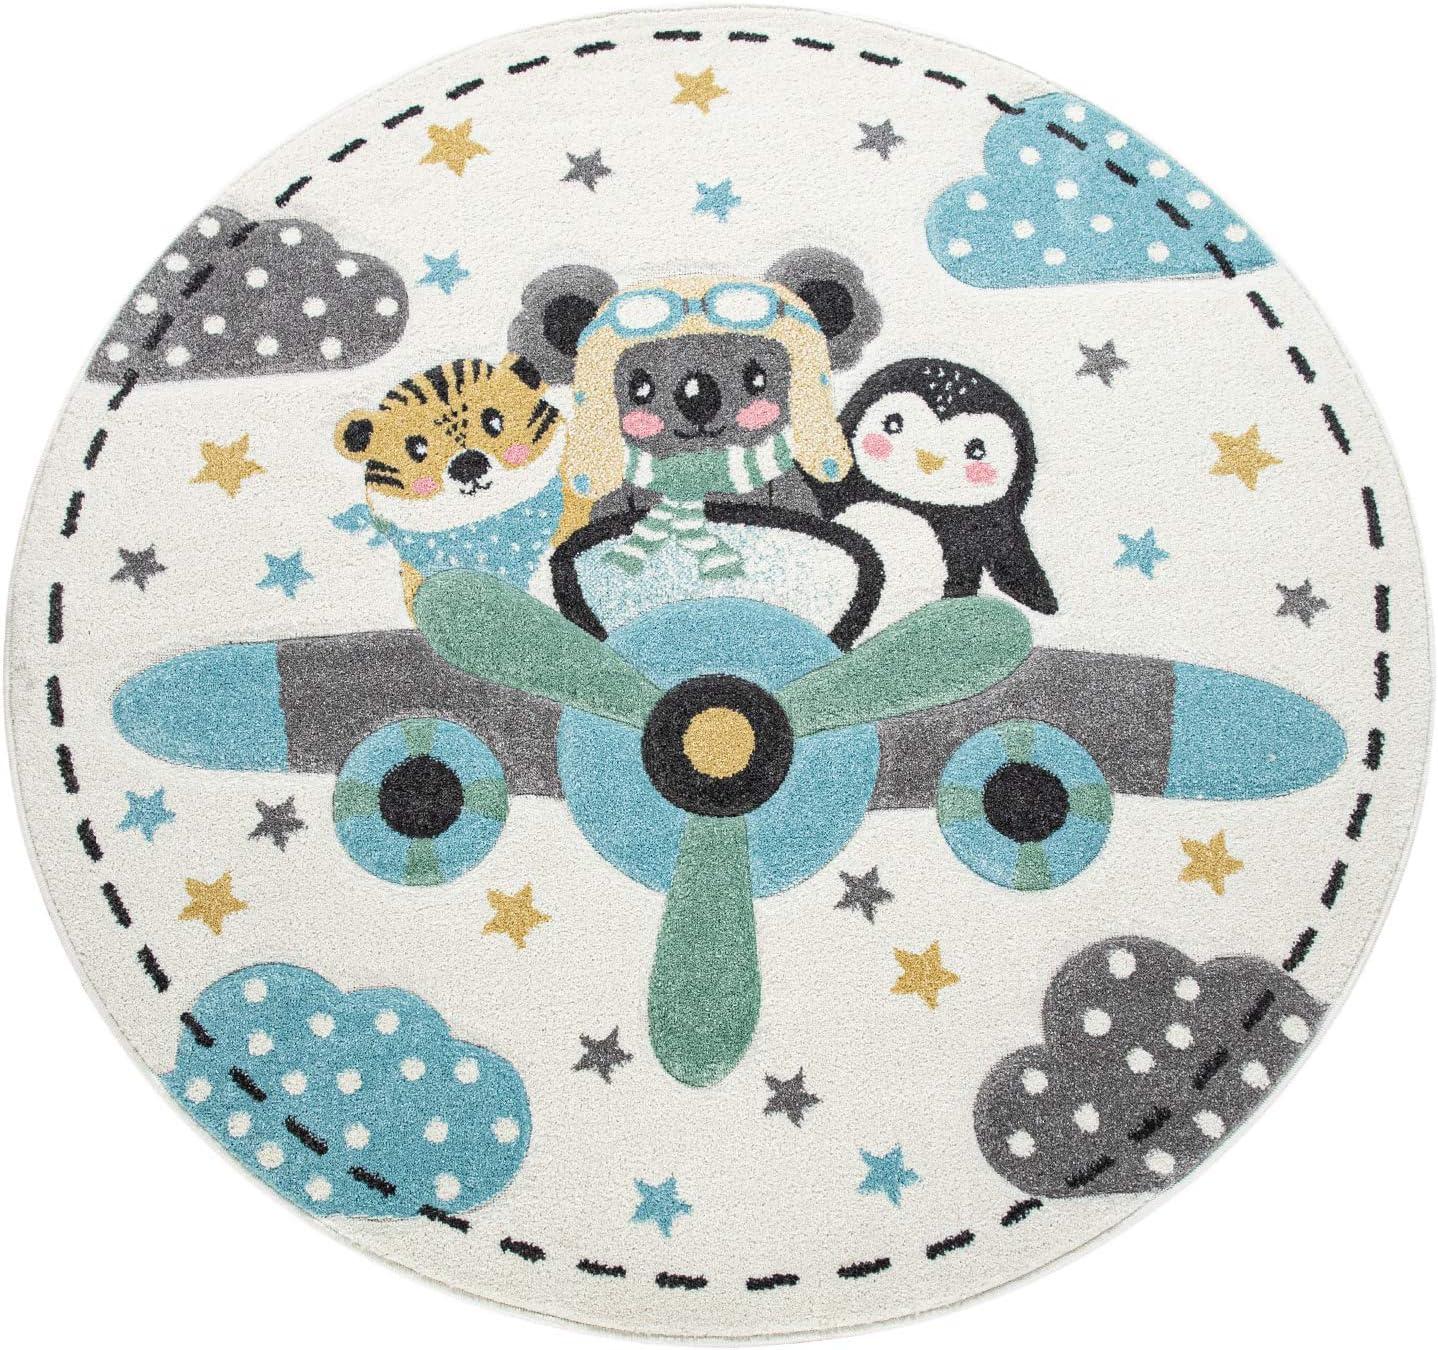 Gr/össe:120 cm Rund Paco Home Kinderteppich Rund Teppich Kinderzimmer Flugzeug Tiere Tiger Koala B/är Pinguin Farbe:Beige